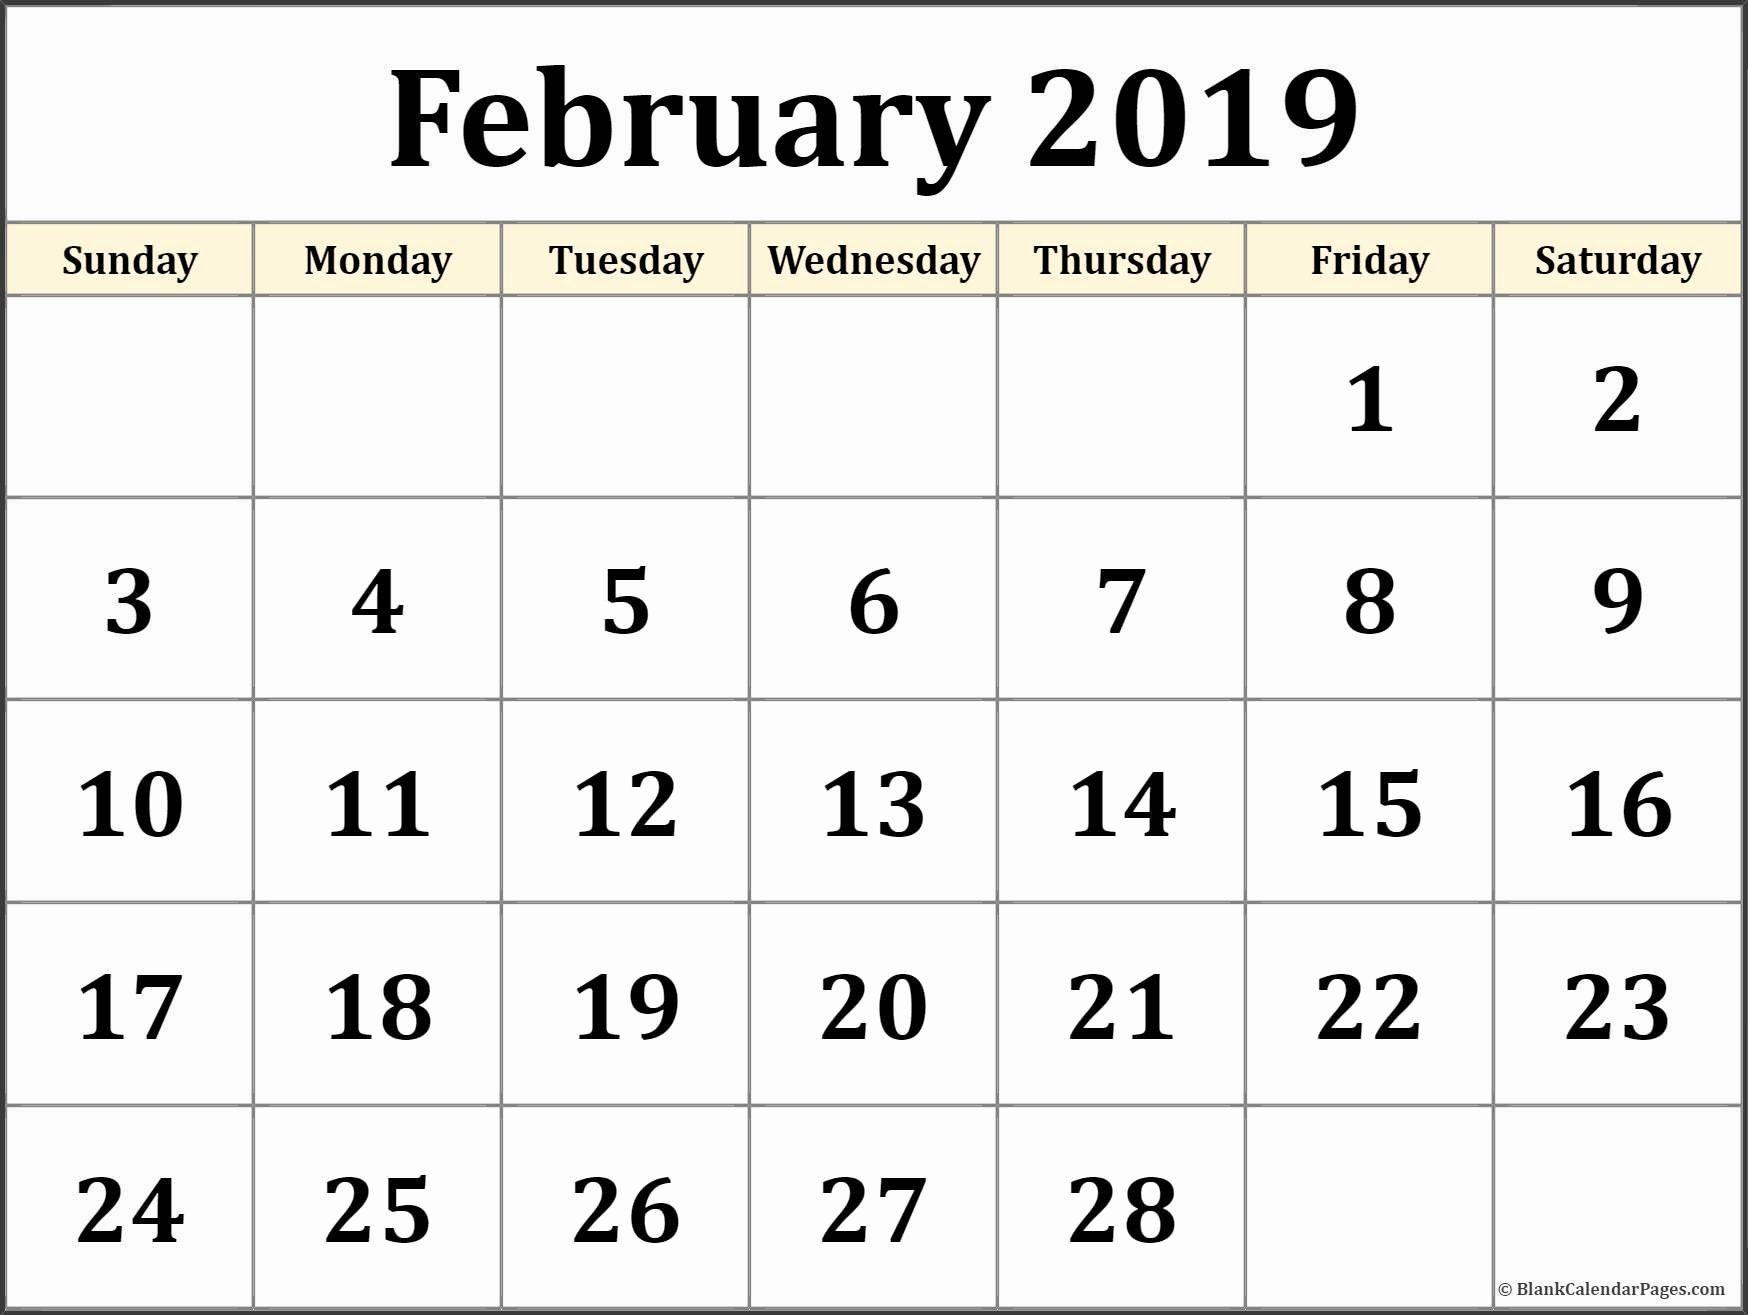 Calendar 2019 February Free Recientes February 2019 Blank Calendar Of Calendar 2019 February Free Más Recientes Free Download 53 Calendar Template 2015